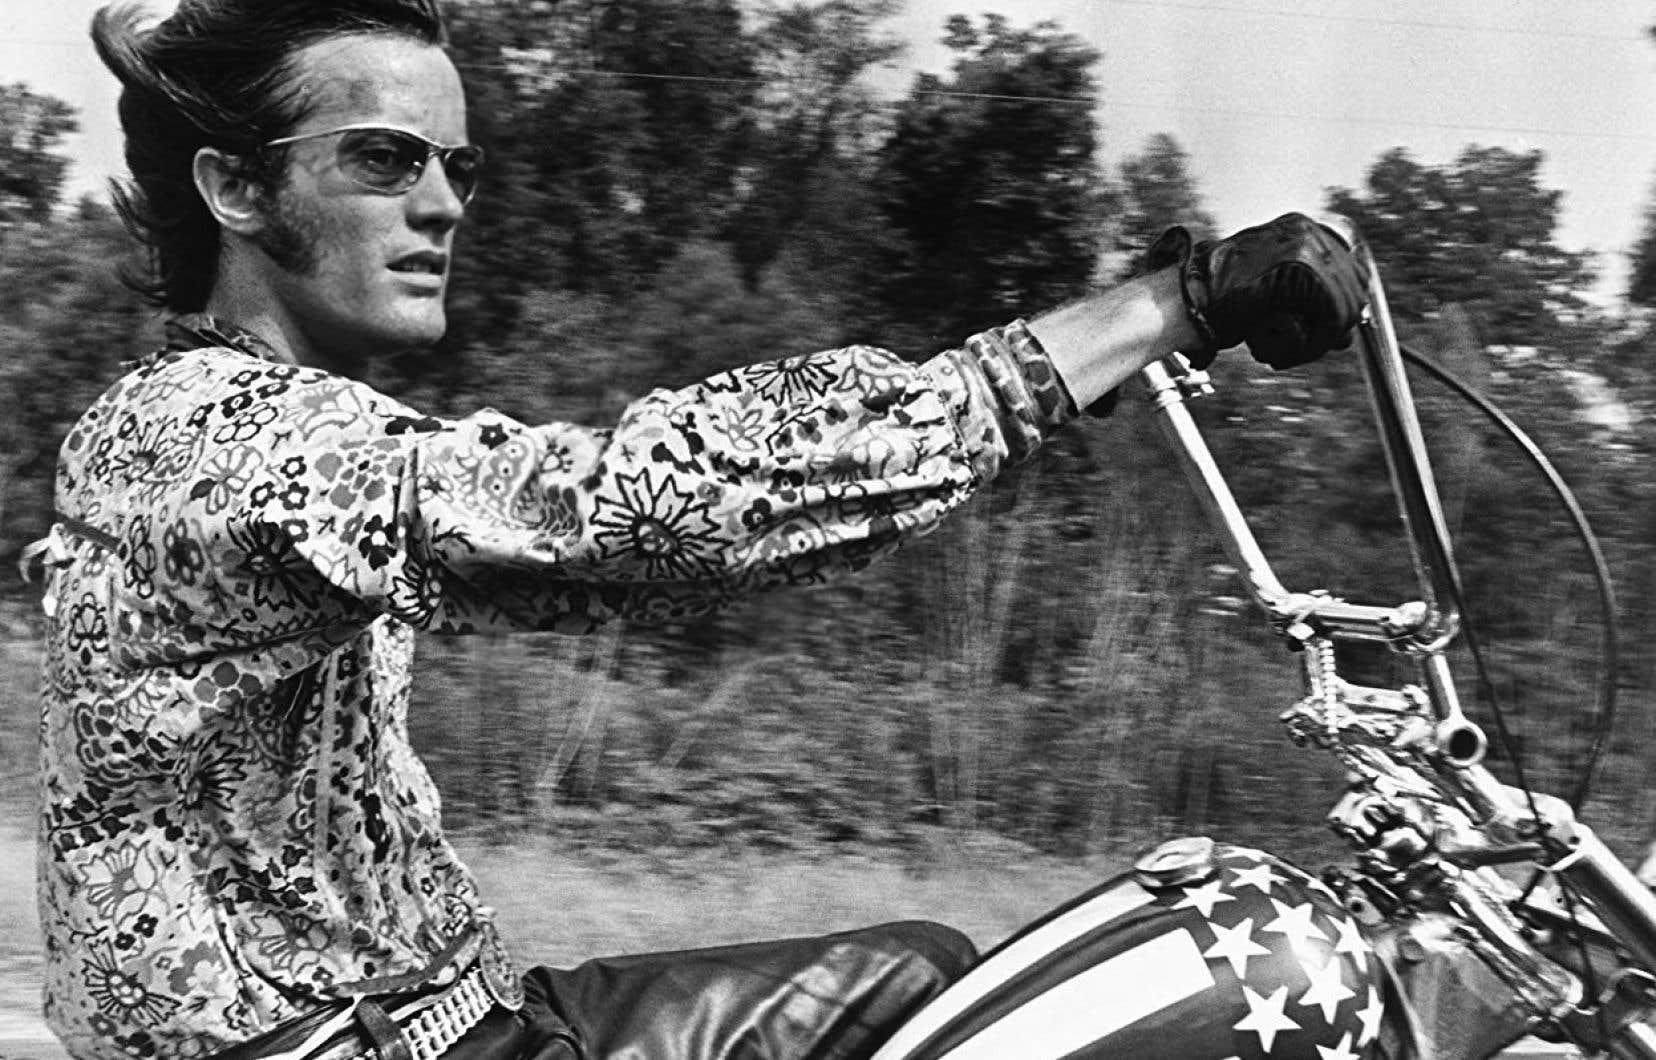 L'image de Peter Fonda, les jambes étendues sur son chopper Harley-Davidson peint aux couleurs du drapeau américain, est emblématique de la contre-culture des années soixante.